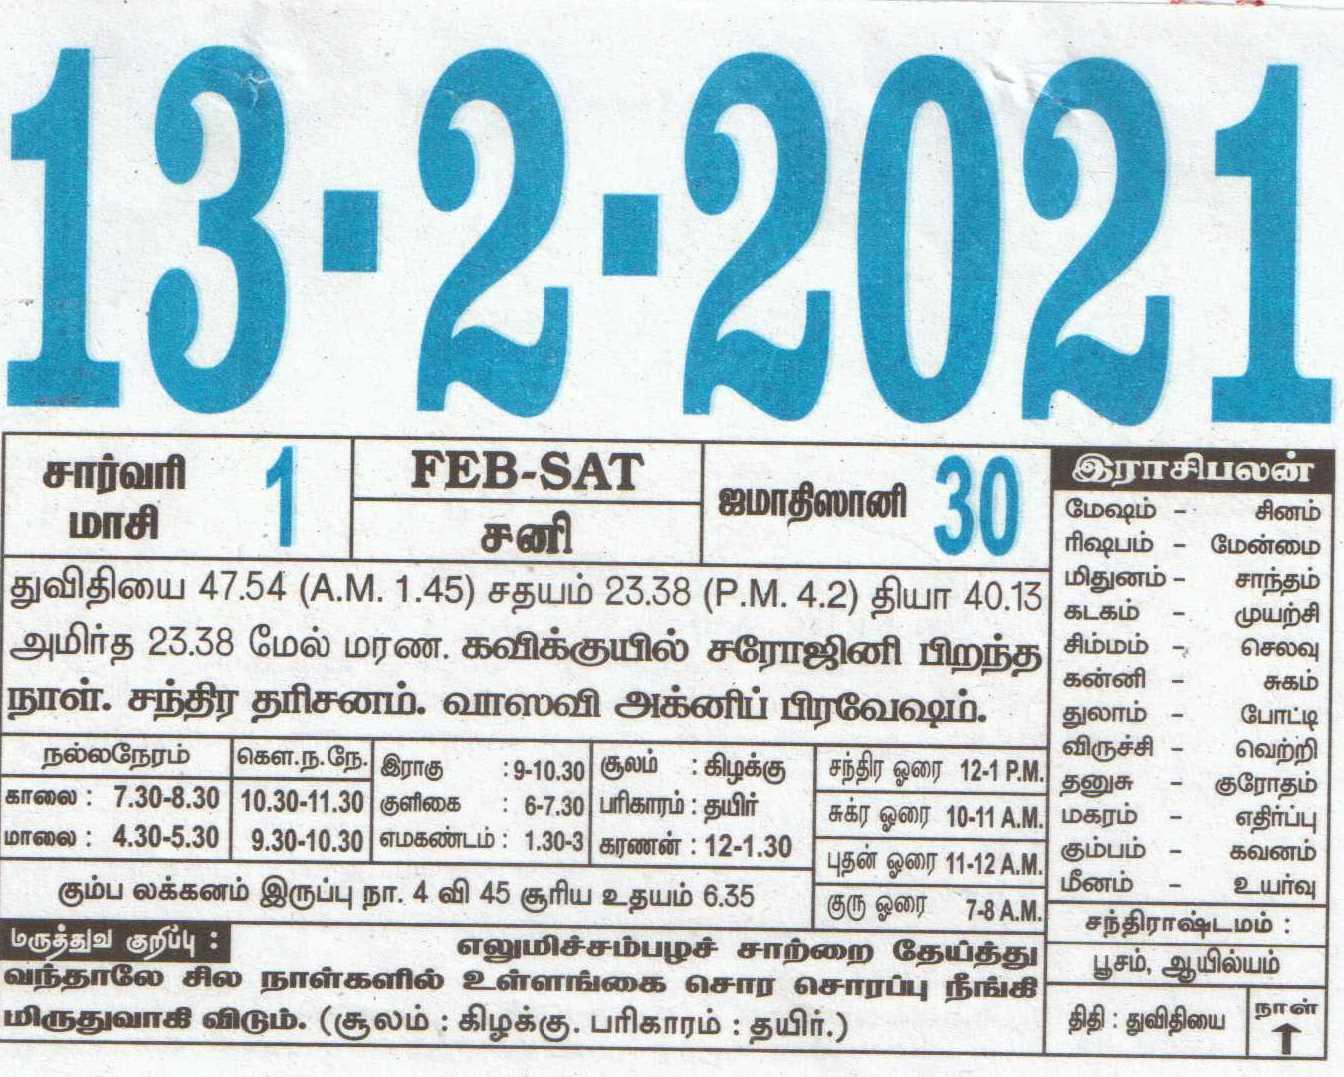 13 02 2021 Daily Calendar Date 13 January Daily Tear